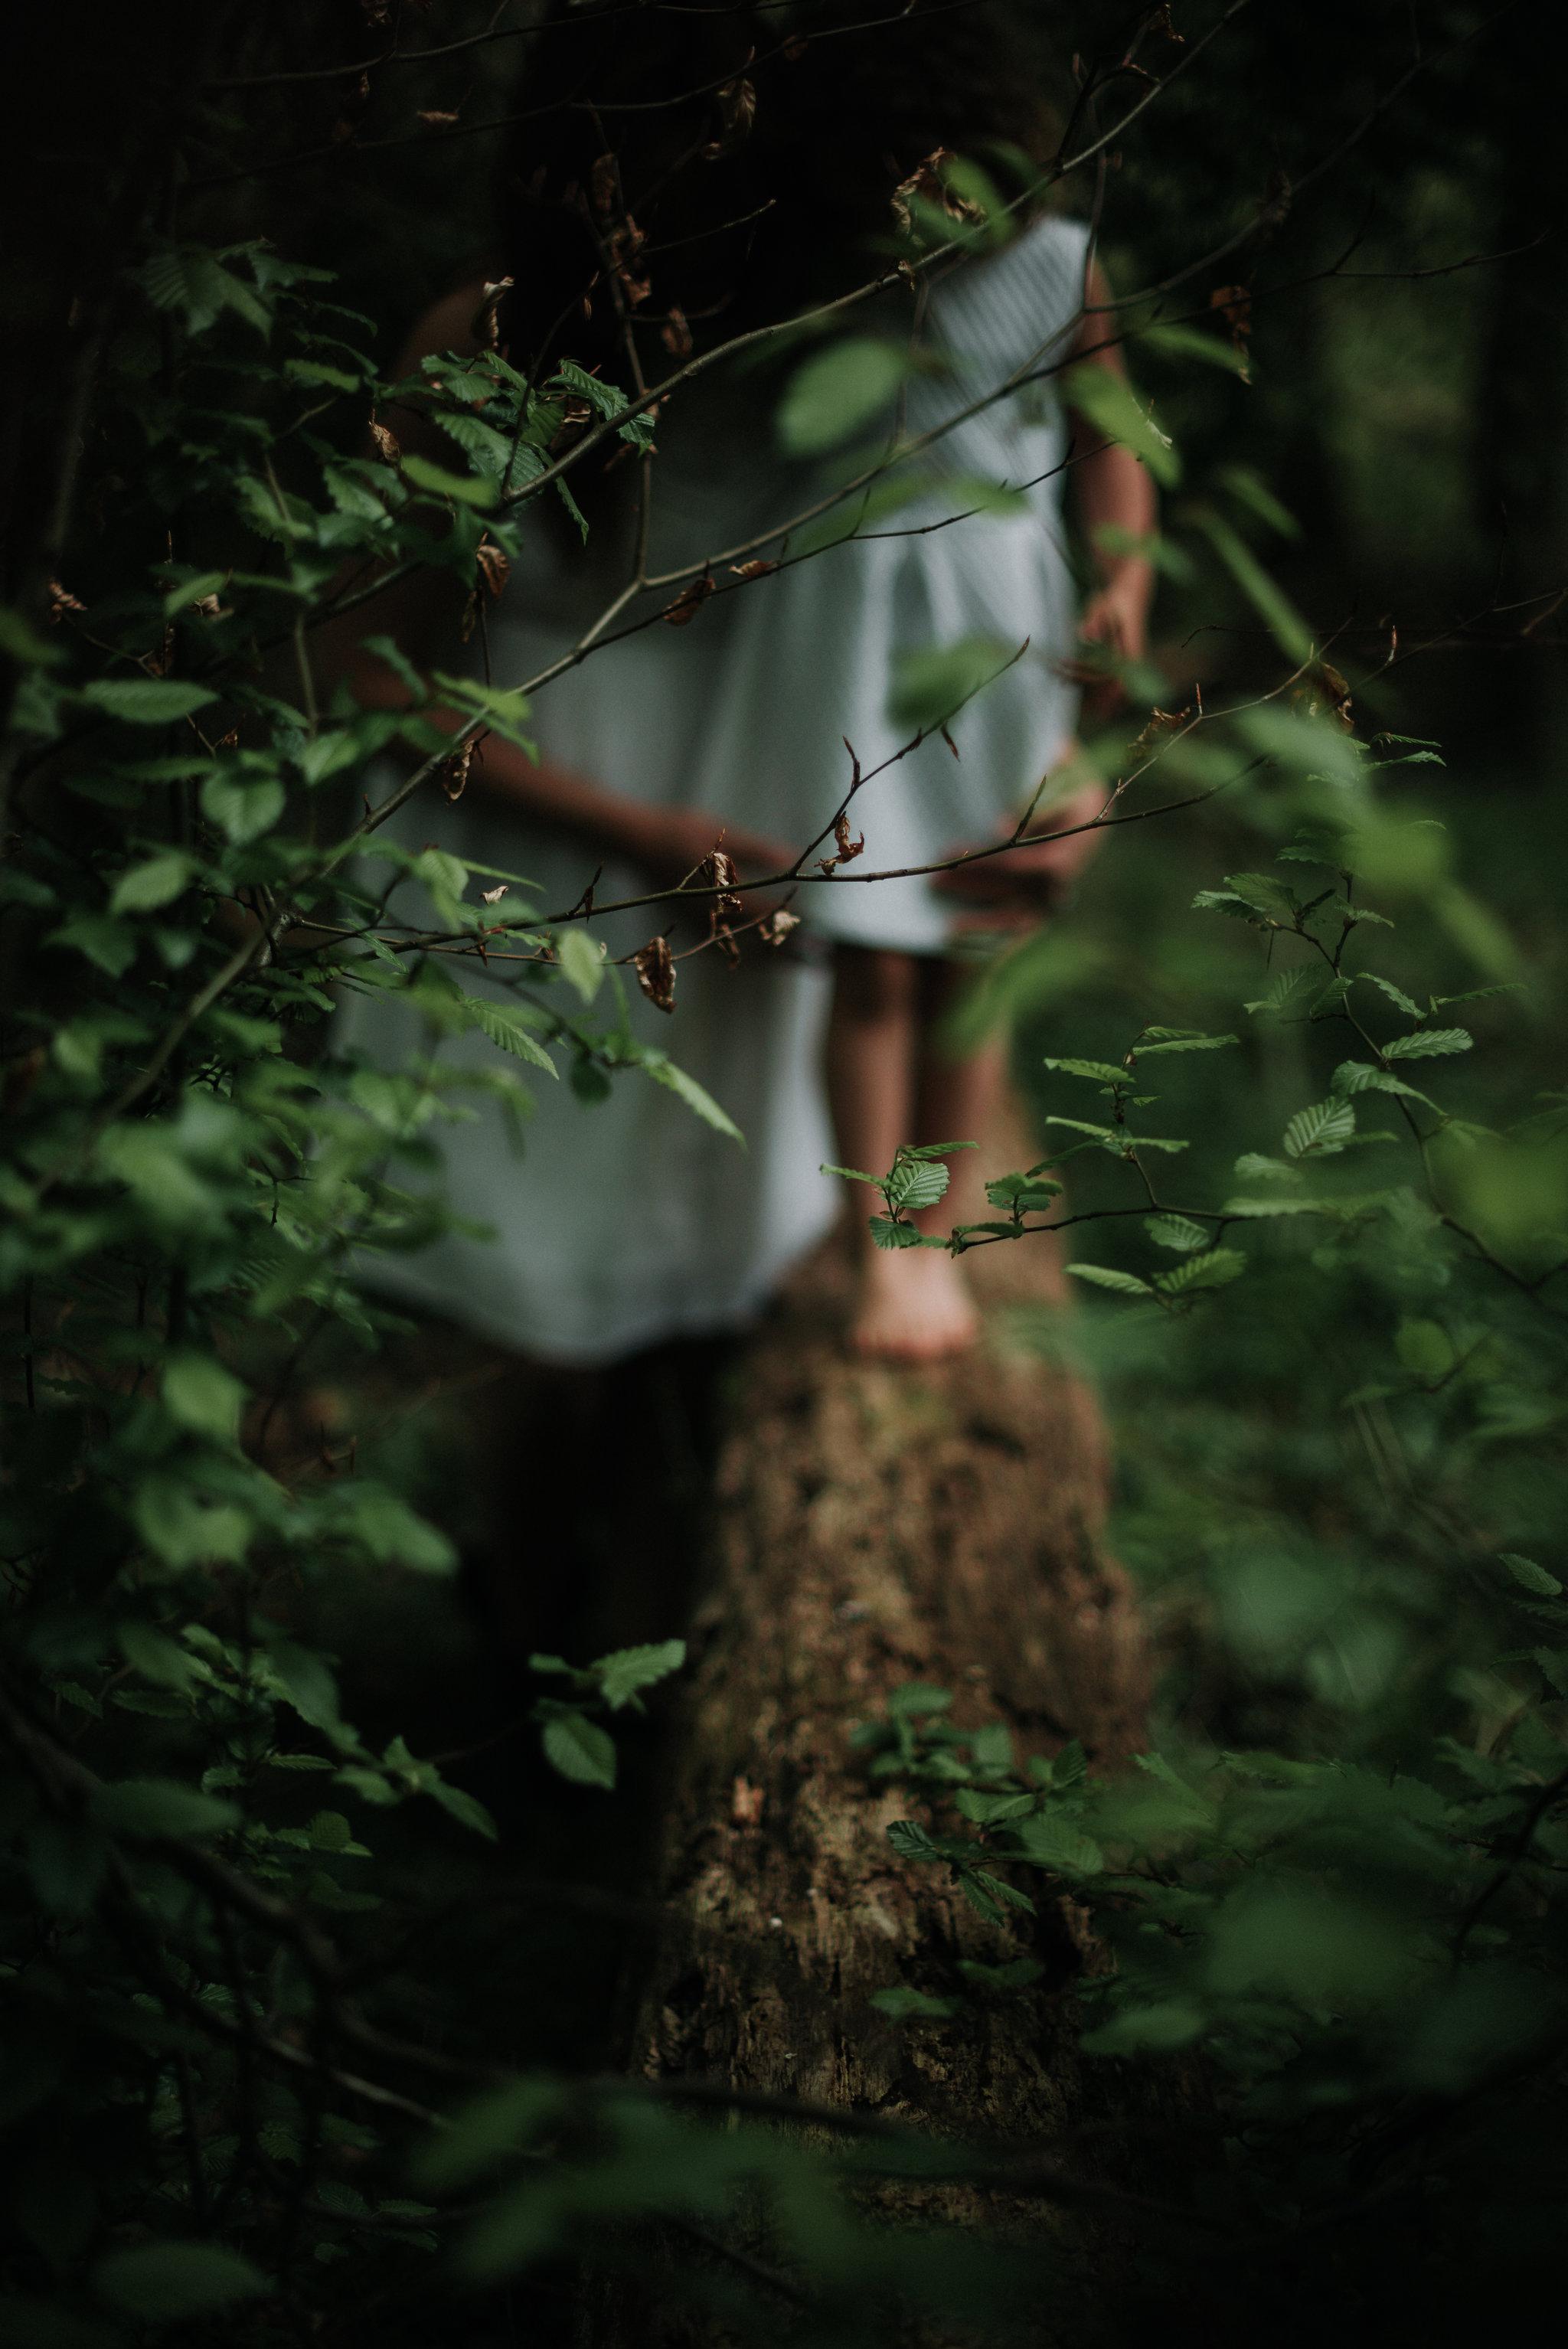 Léa-Fery-photographe-professionnel-lyon-rhone-alpes-portrait-creation-mariage-evenement-evenementiel-famille-8002.jpg